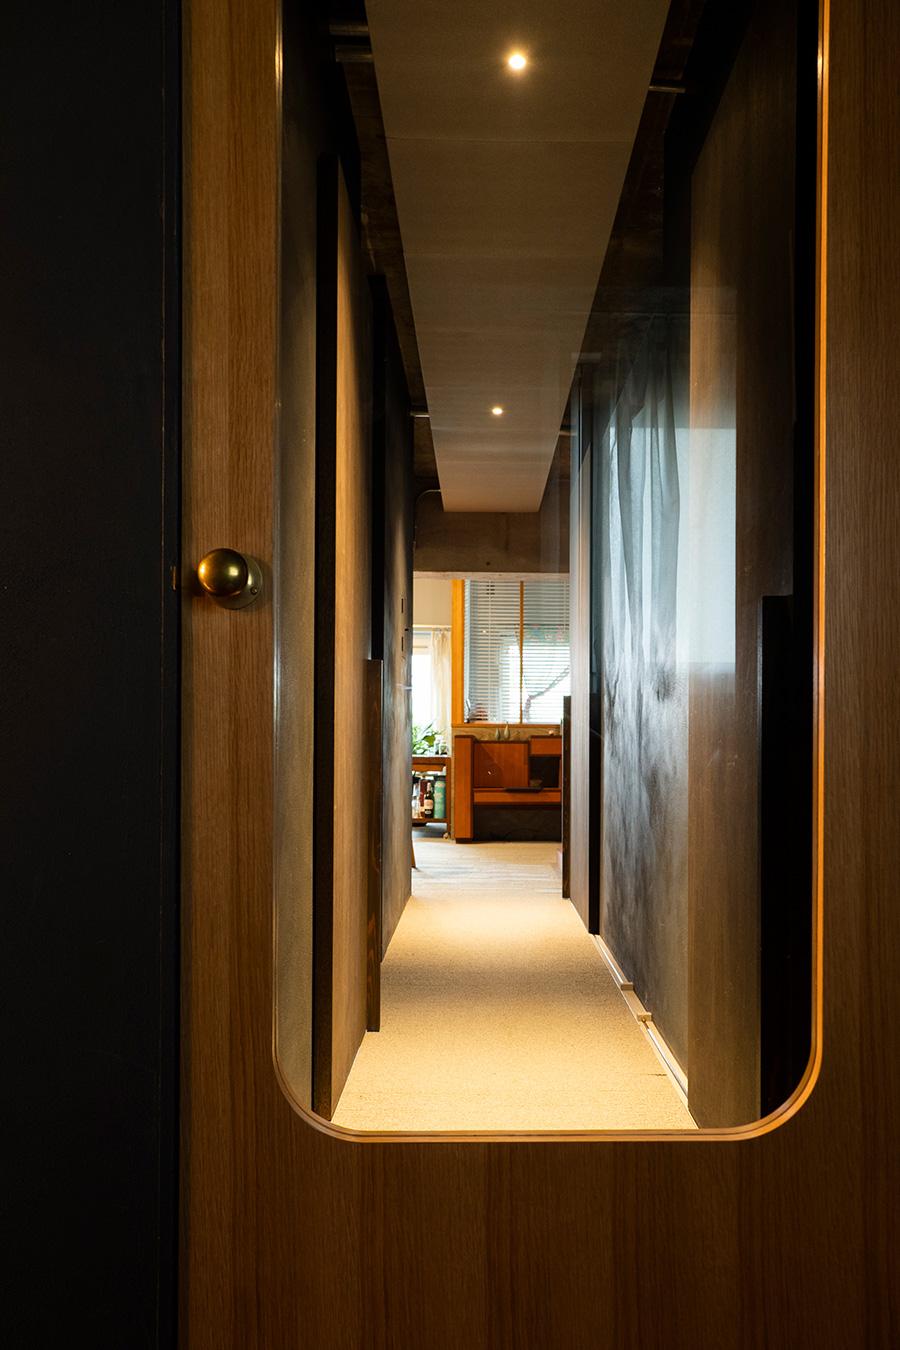 玄関と室内を仕切るドア。ガラスと真鍮の取っ手を用いた。